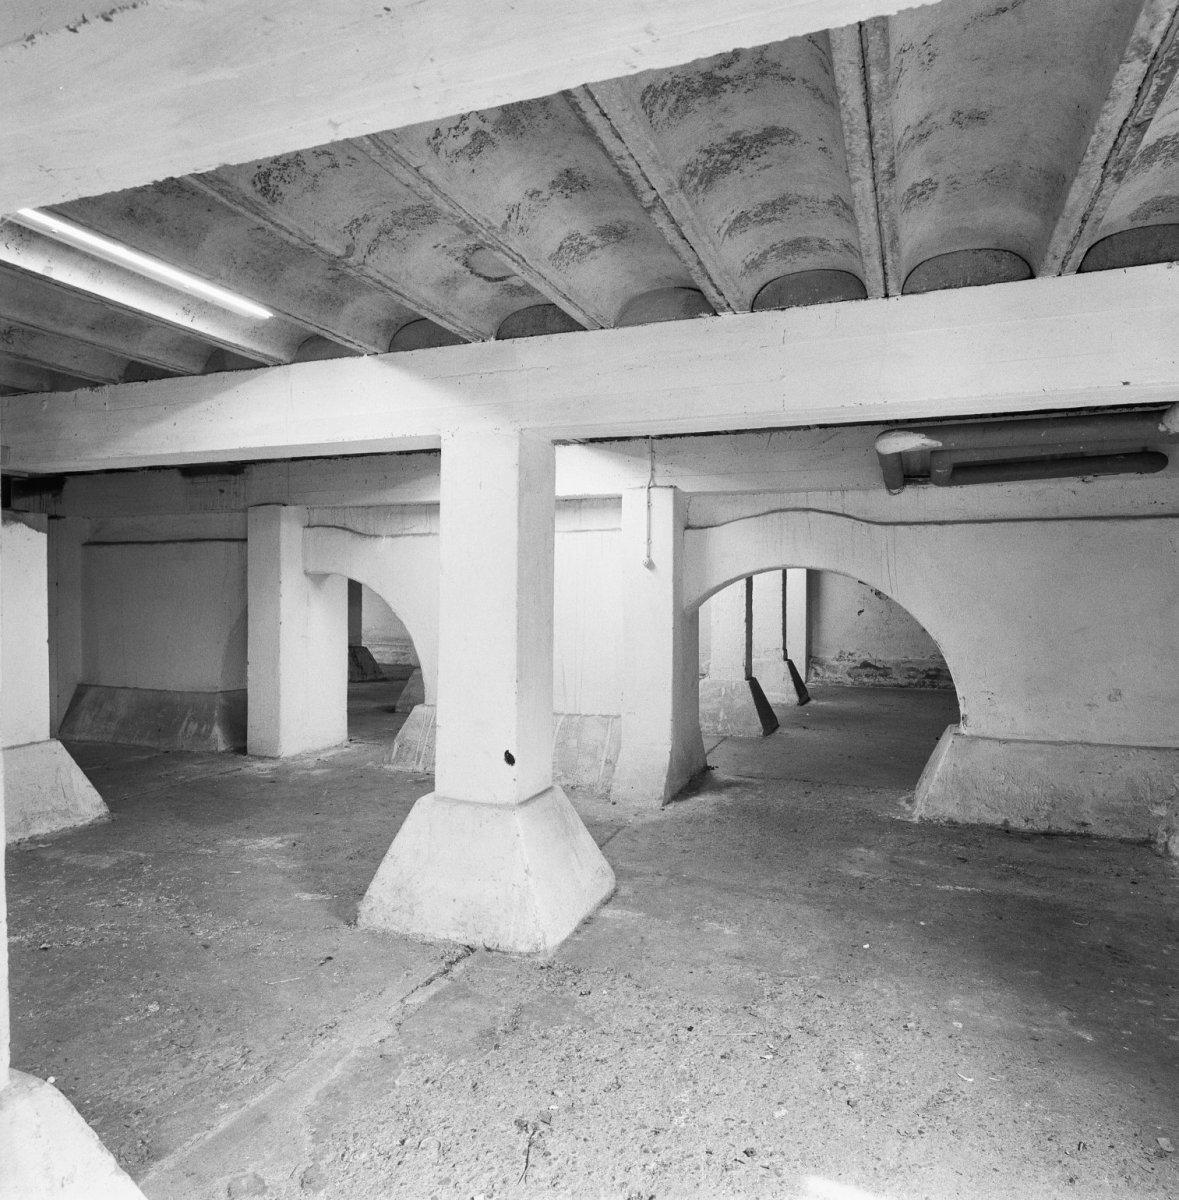 fileinterieur kelder betonnen draagconstructie nijmegen 20337527 rcejpg